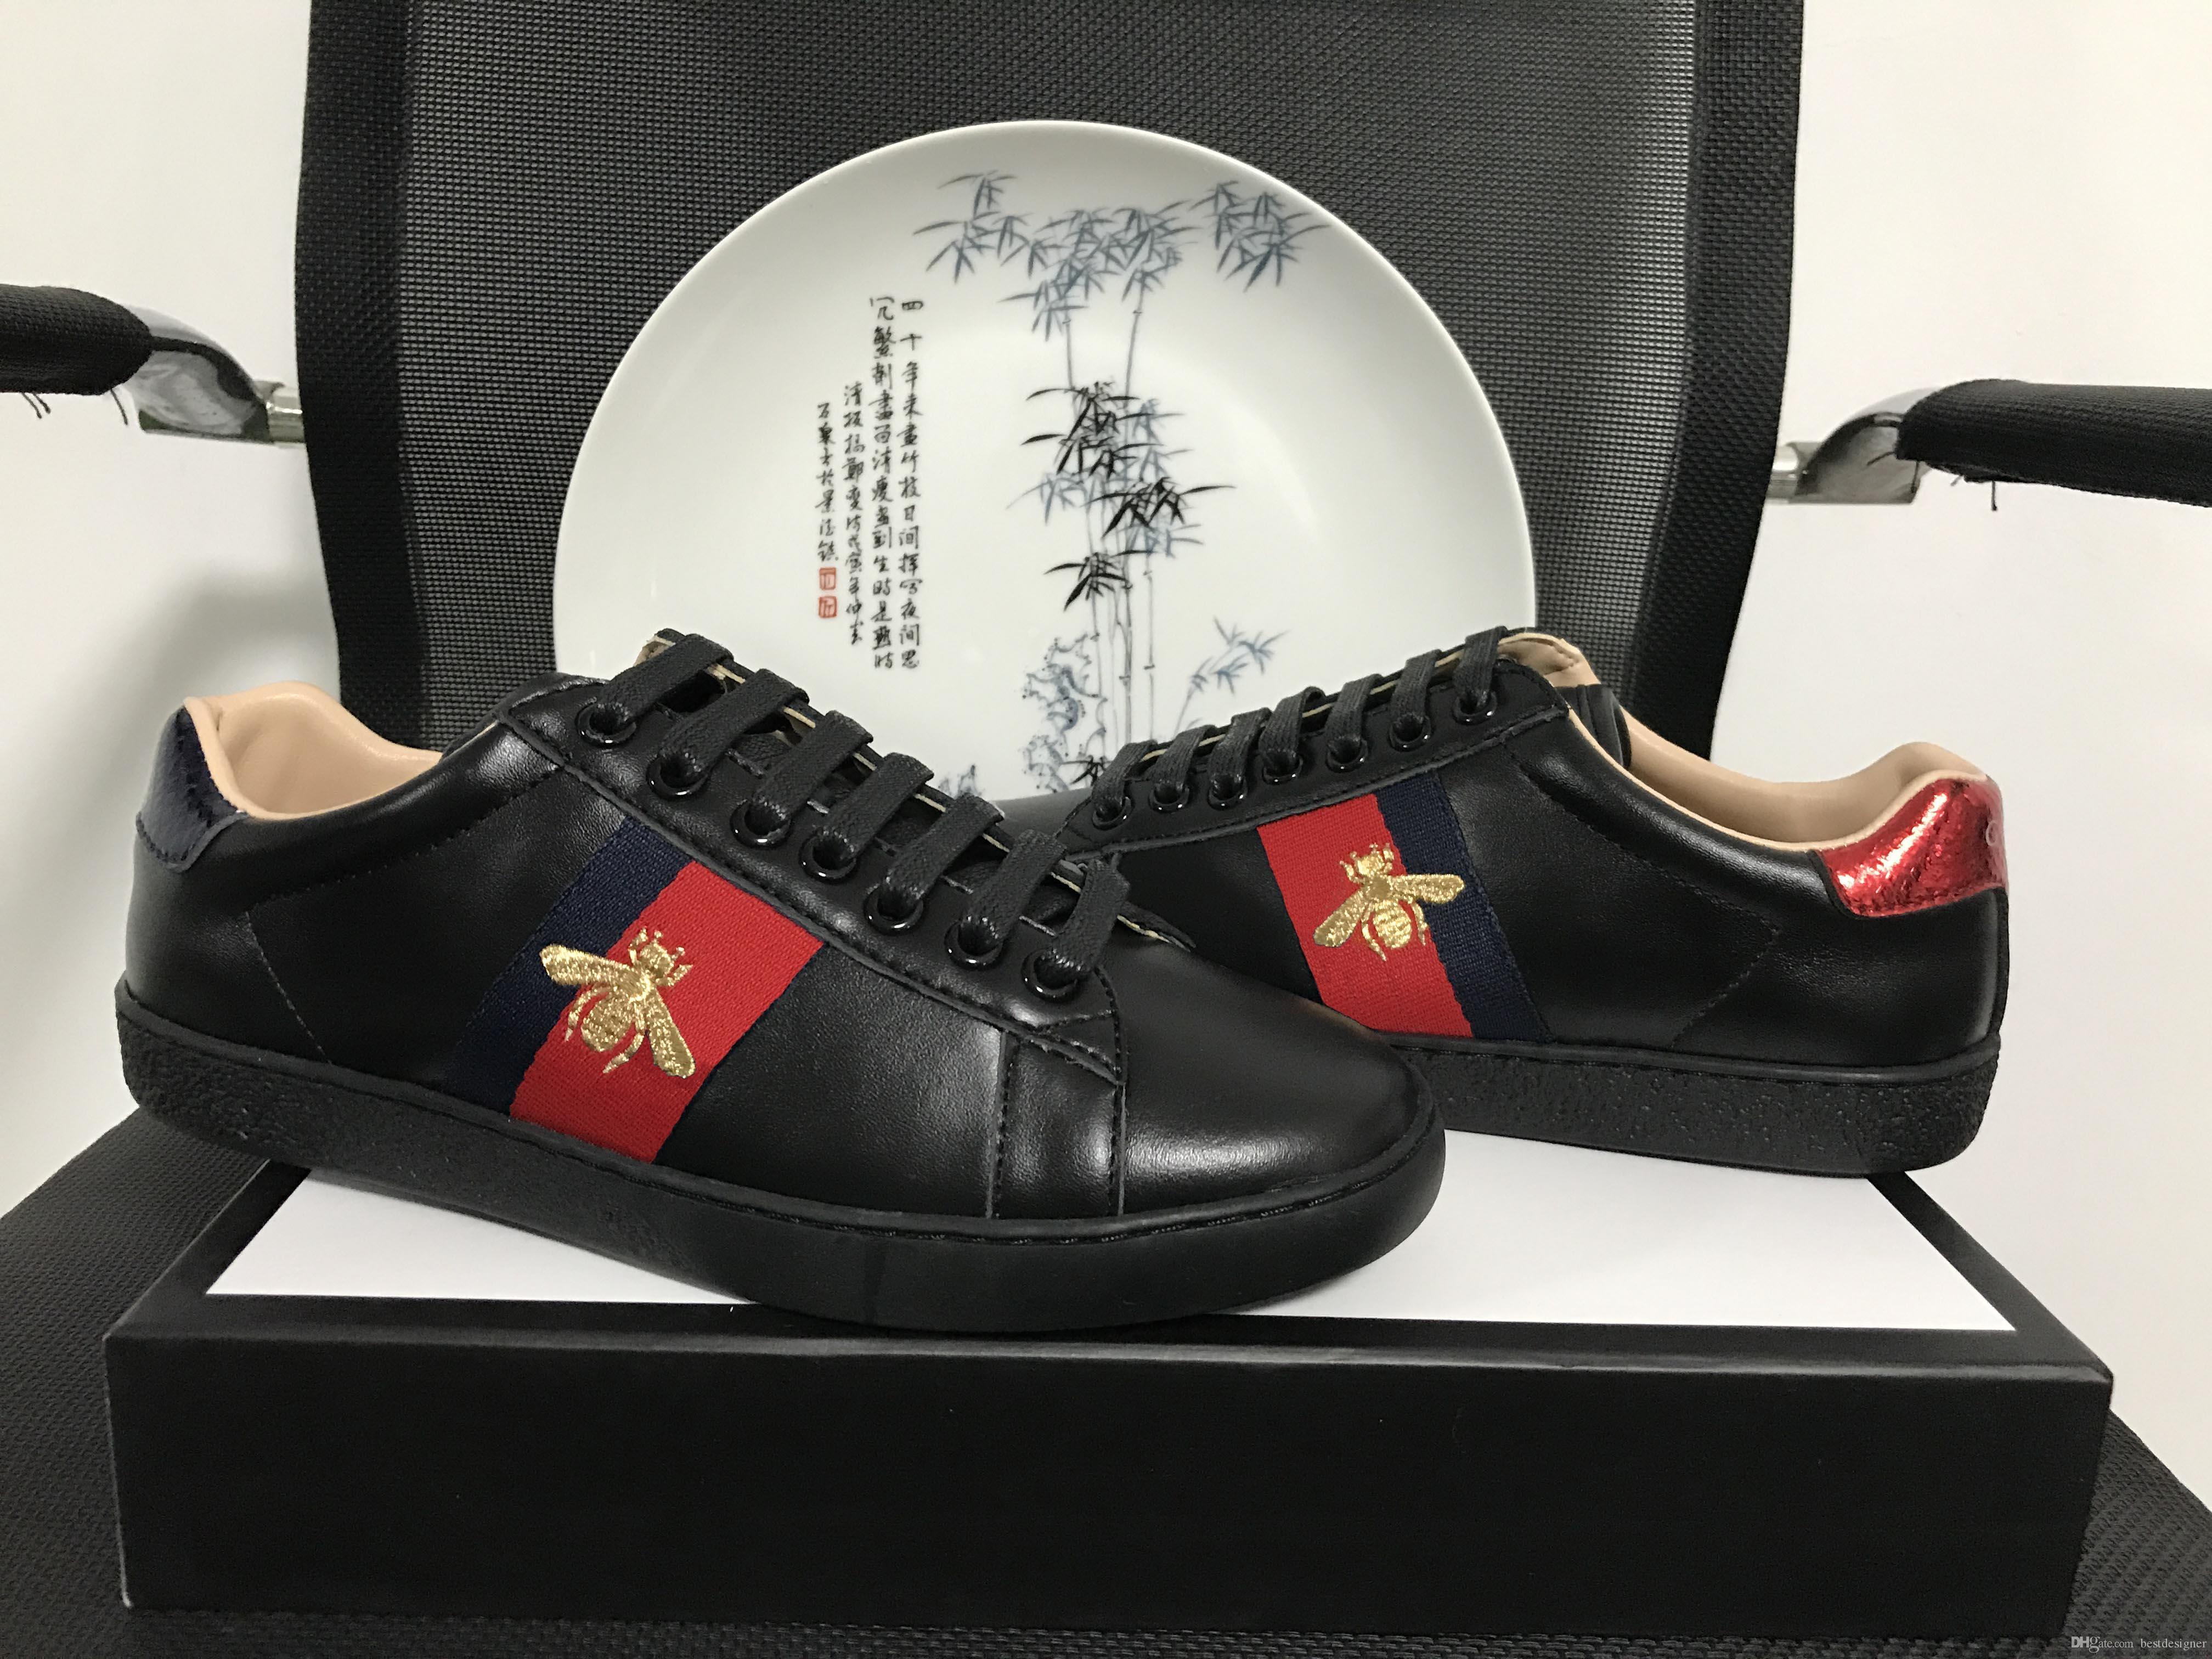 المصمم الأصلي ايس الأسود النحل التطريز الرجال والنساء للأغراض العامة جلد أخضر أحمر شريط كلاسيكي زوجين الترفيه أحذية